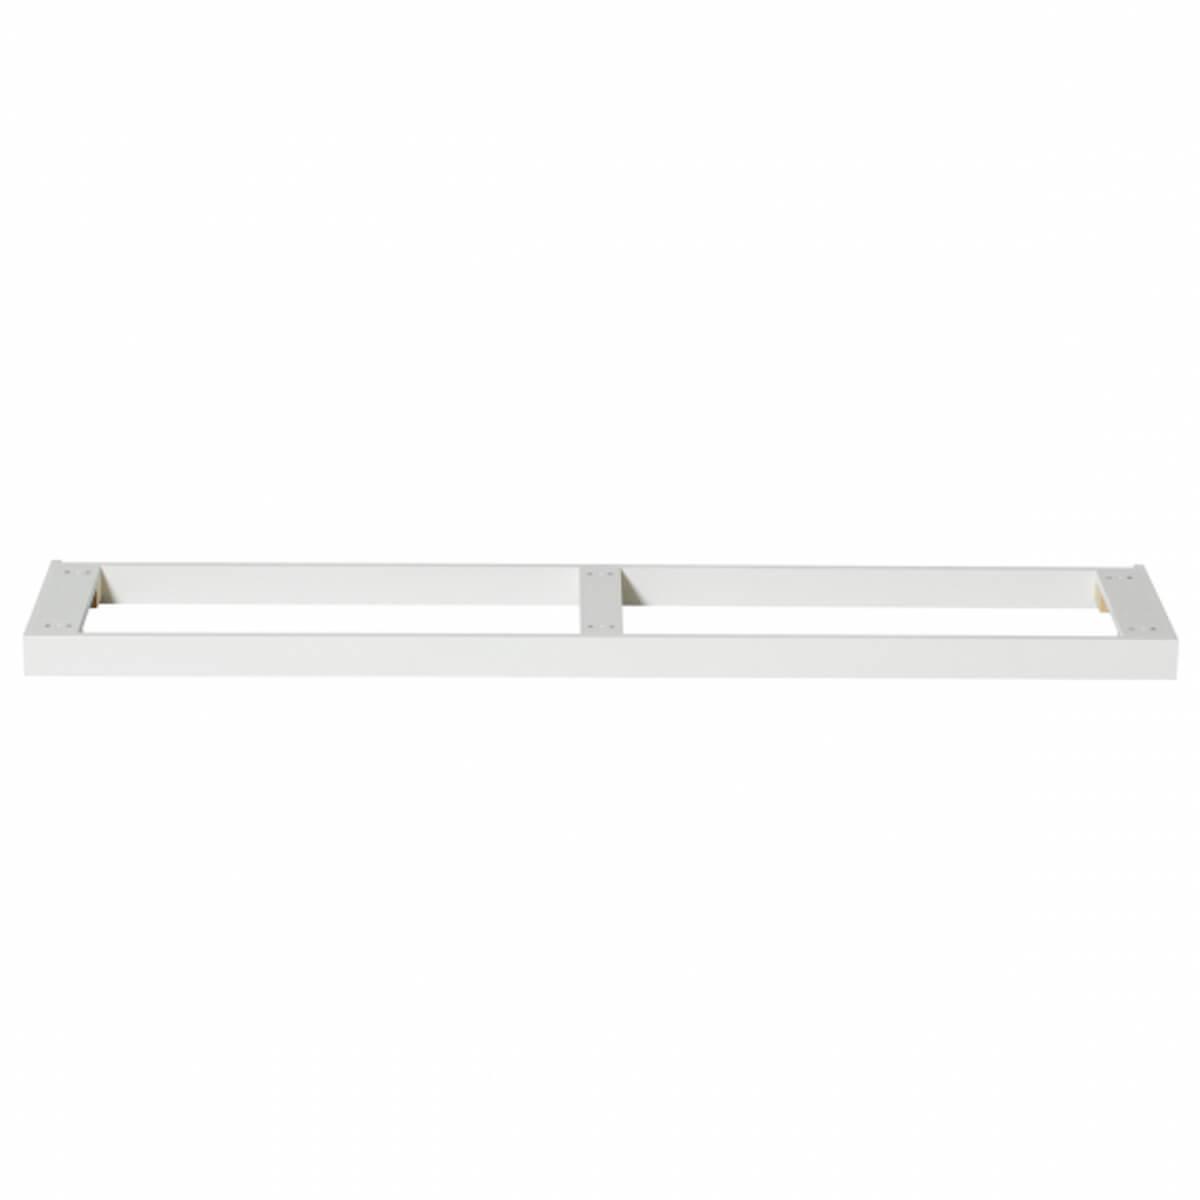 Etagère 174x36cm WOOD Oliver Furniture blanc